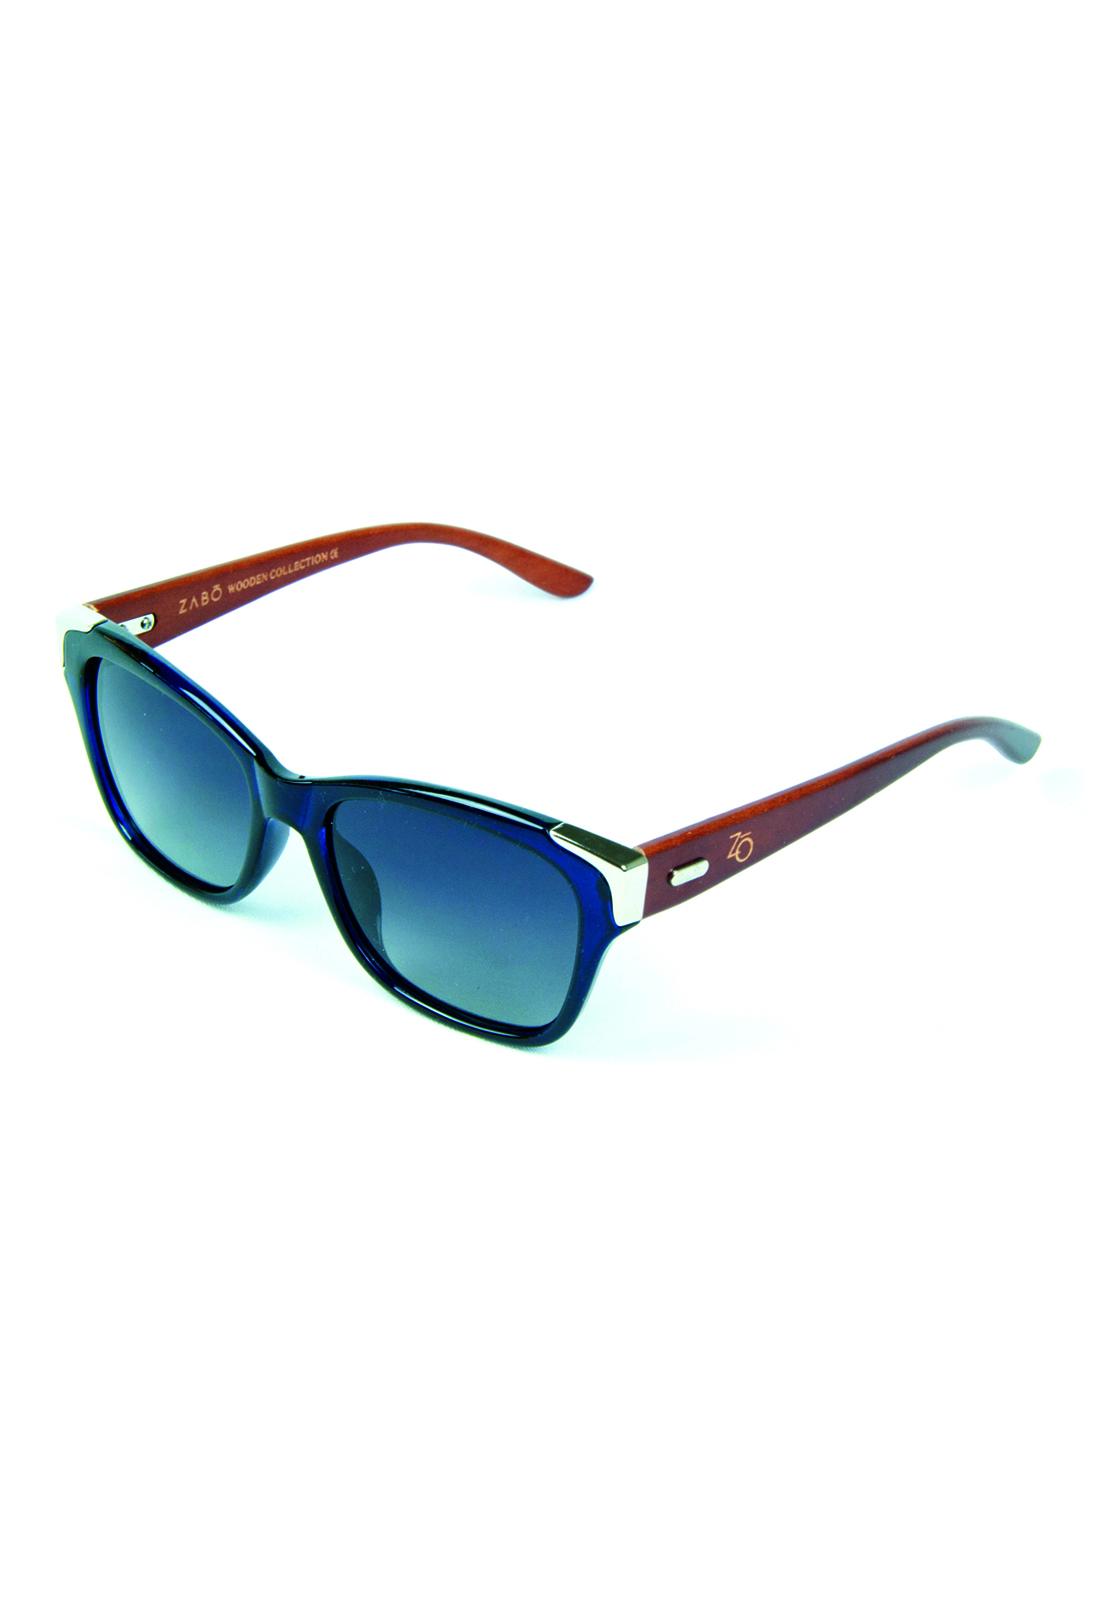 9a52391e0 https://www.zaboshop.com.br/94fsv2u6m-oculos-de-sol-polariza